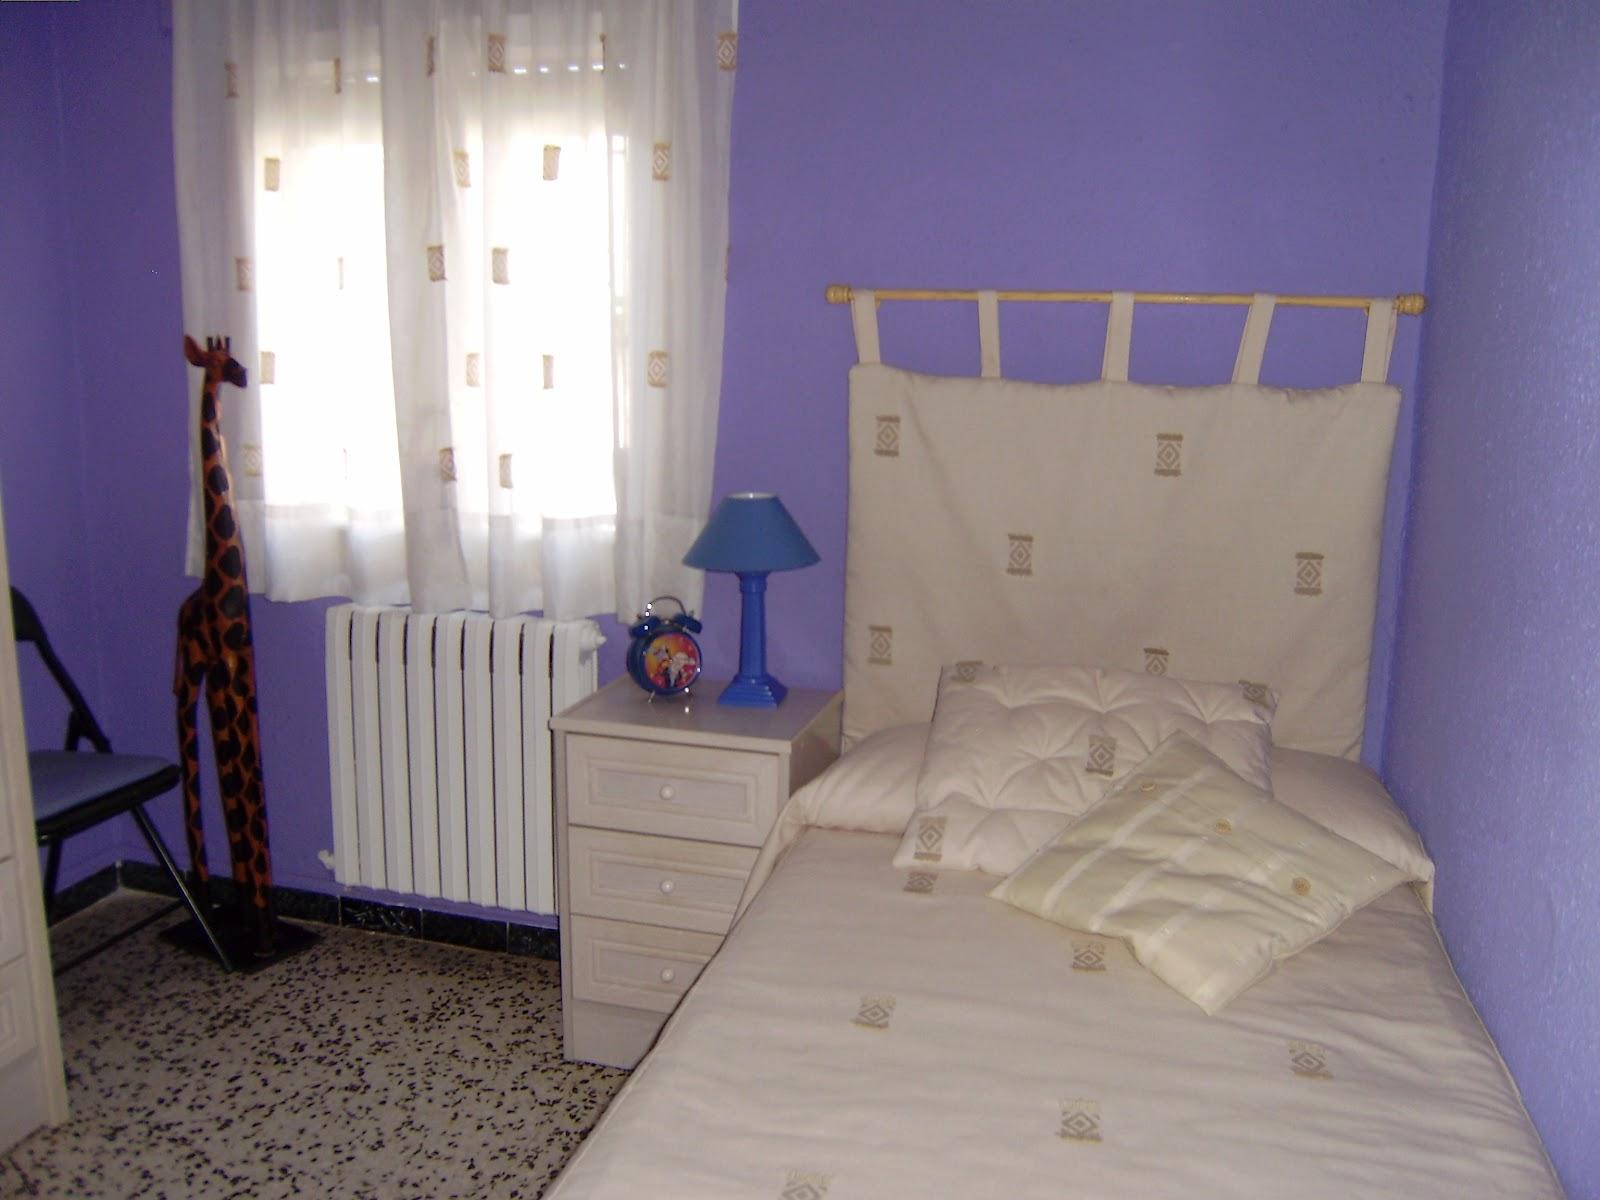 Taller de sue os de arish dormitorio en tonos crudo - Cabeceros con cojines ...